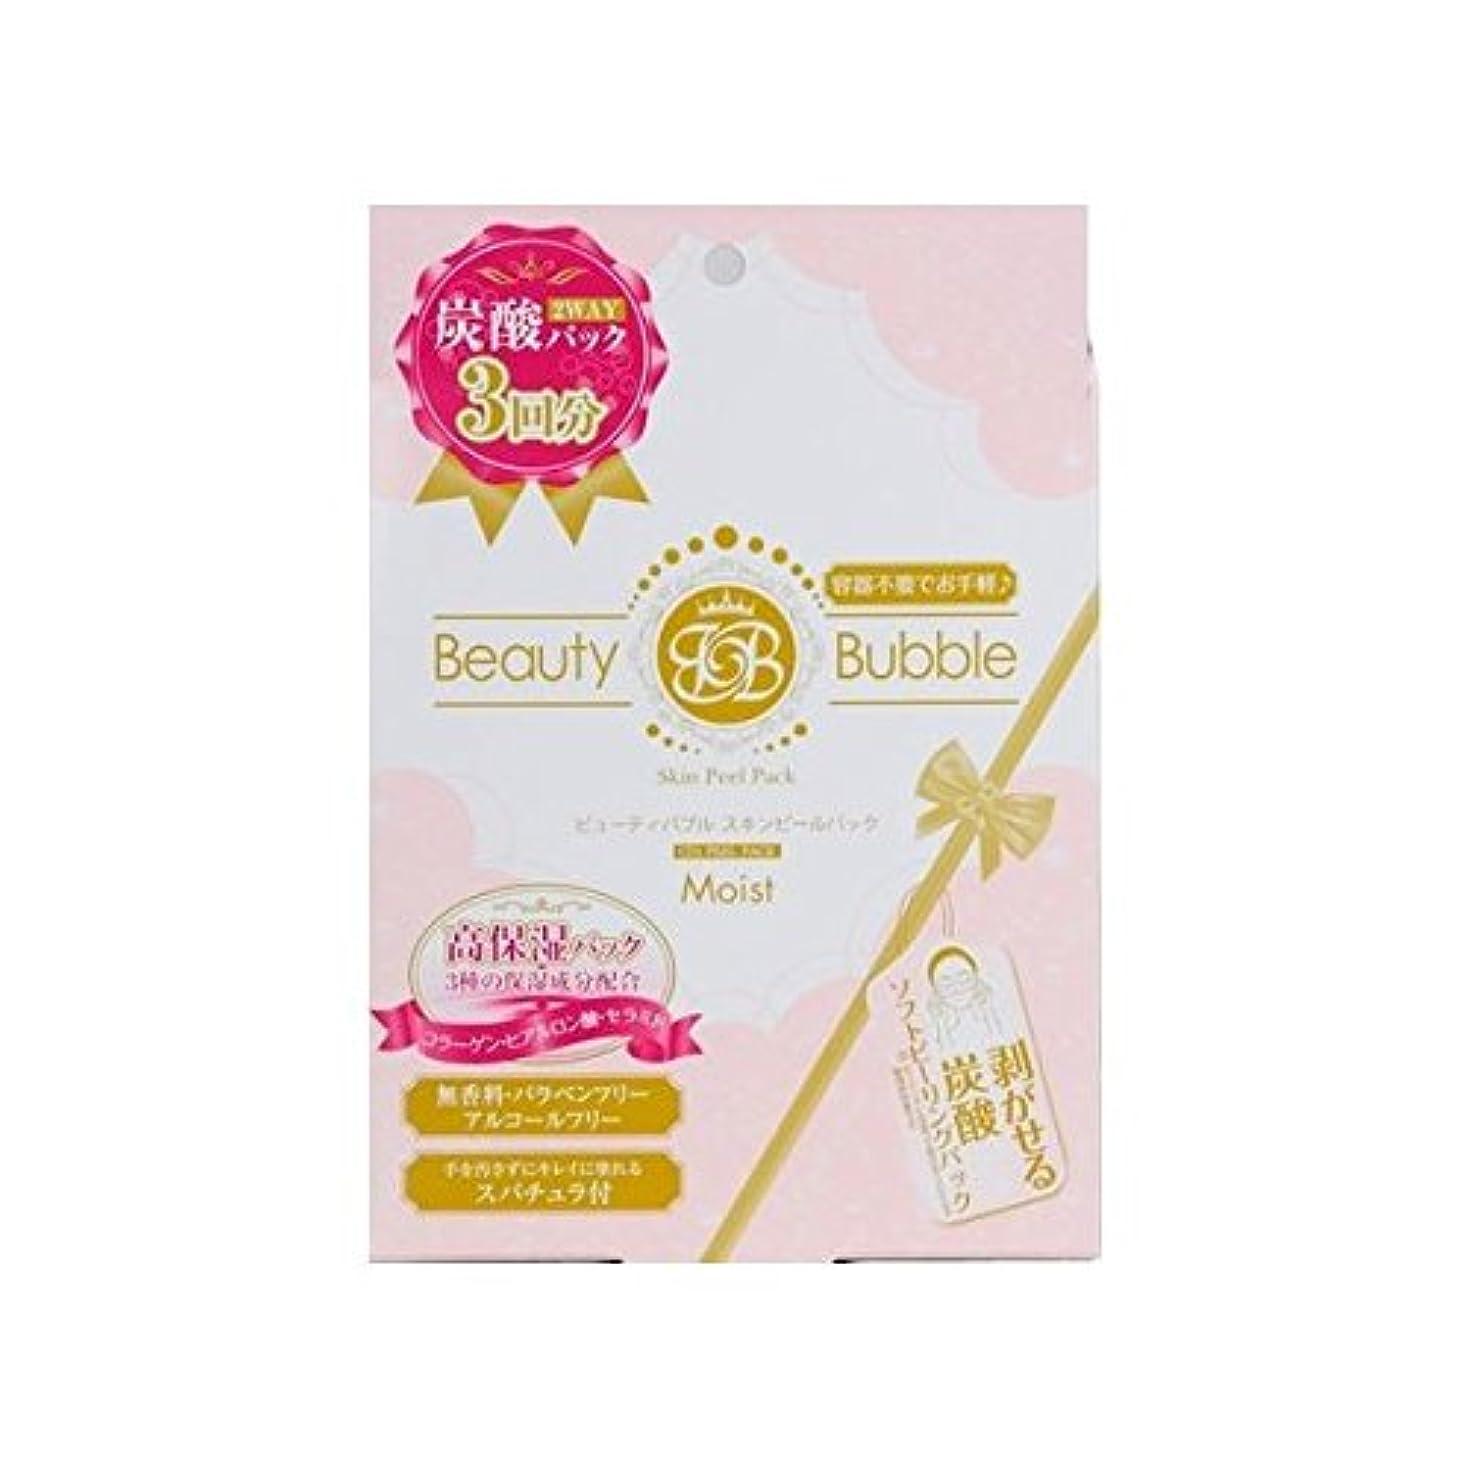 性別たぶんソートビューティーバブル Beauty Bubble スキンピールパック モイスト 3包タイプ×5セット